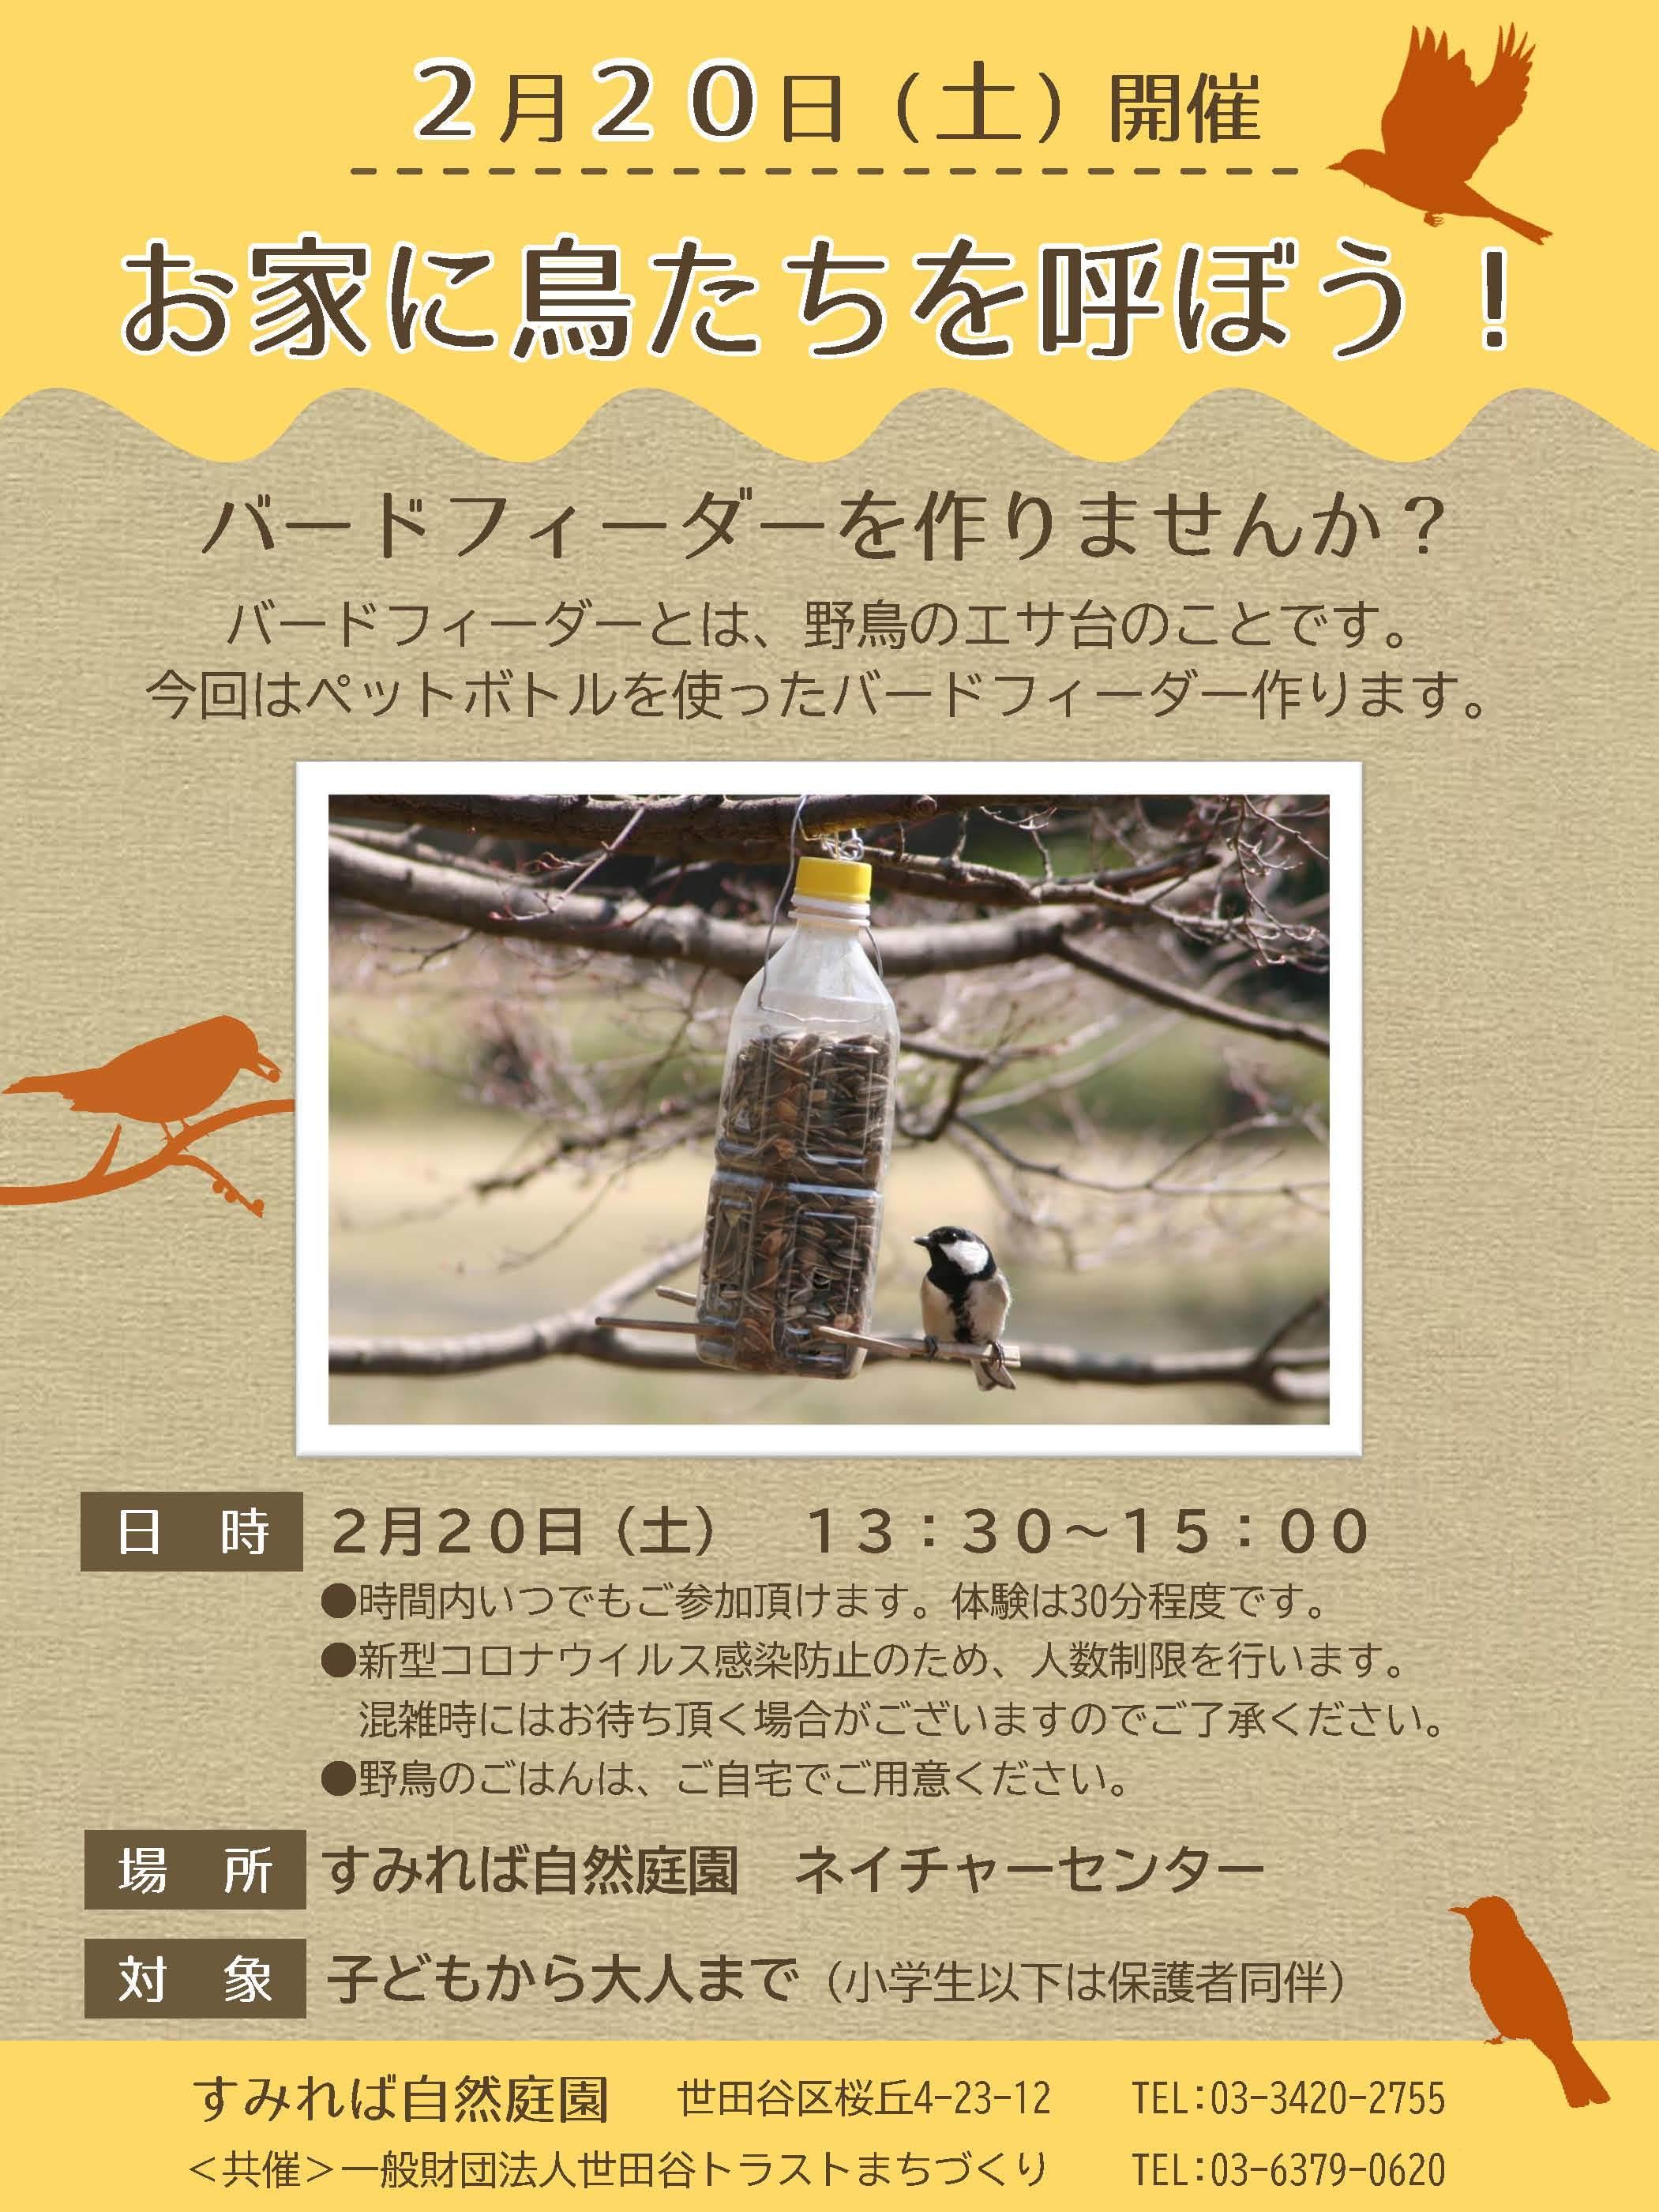 2/20(土)開催 イベント「お家に鳥たちを呼ぼう!」_b0049307_11245617.jpg